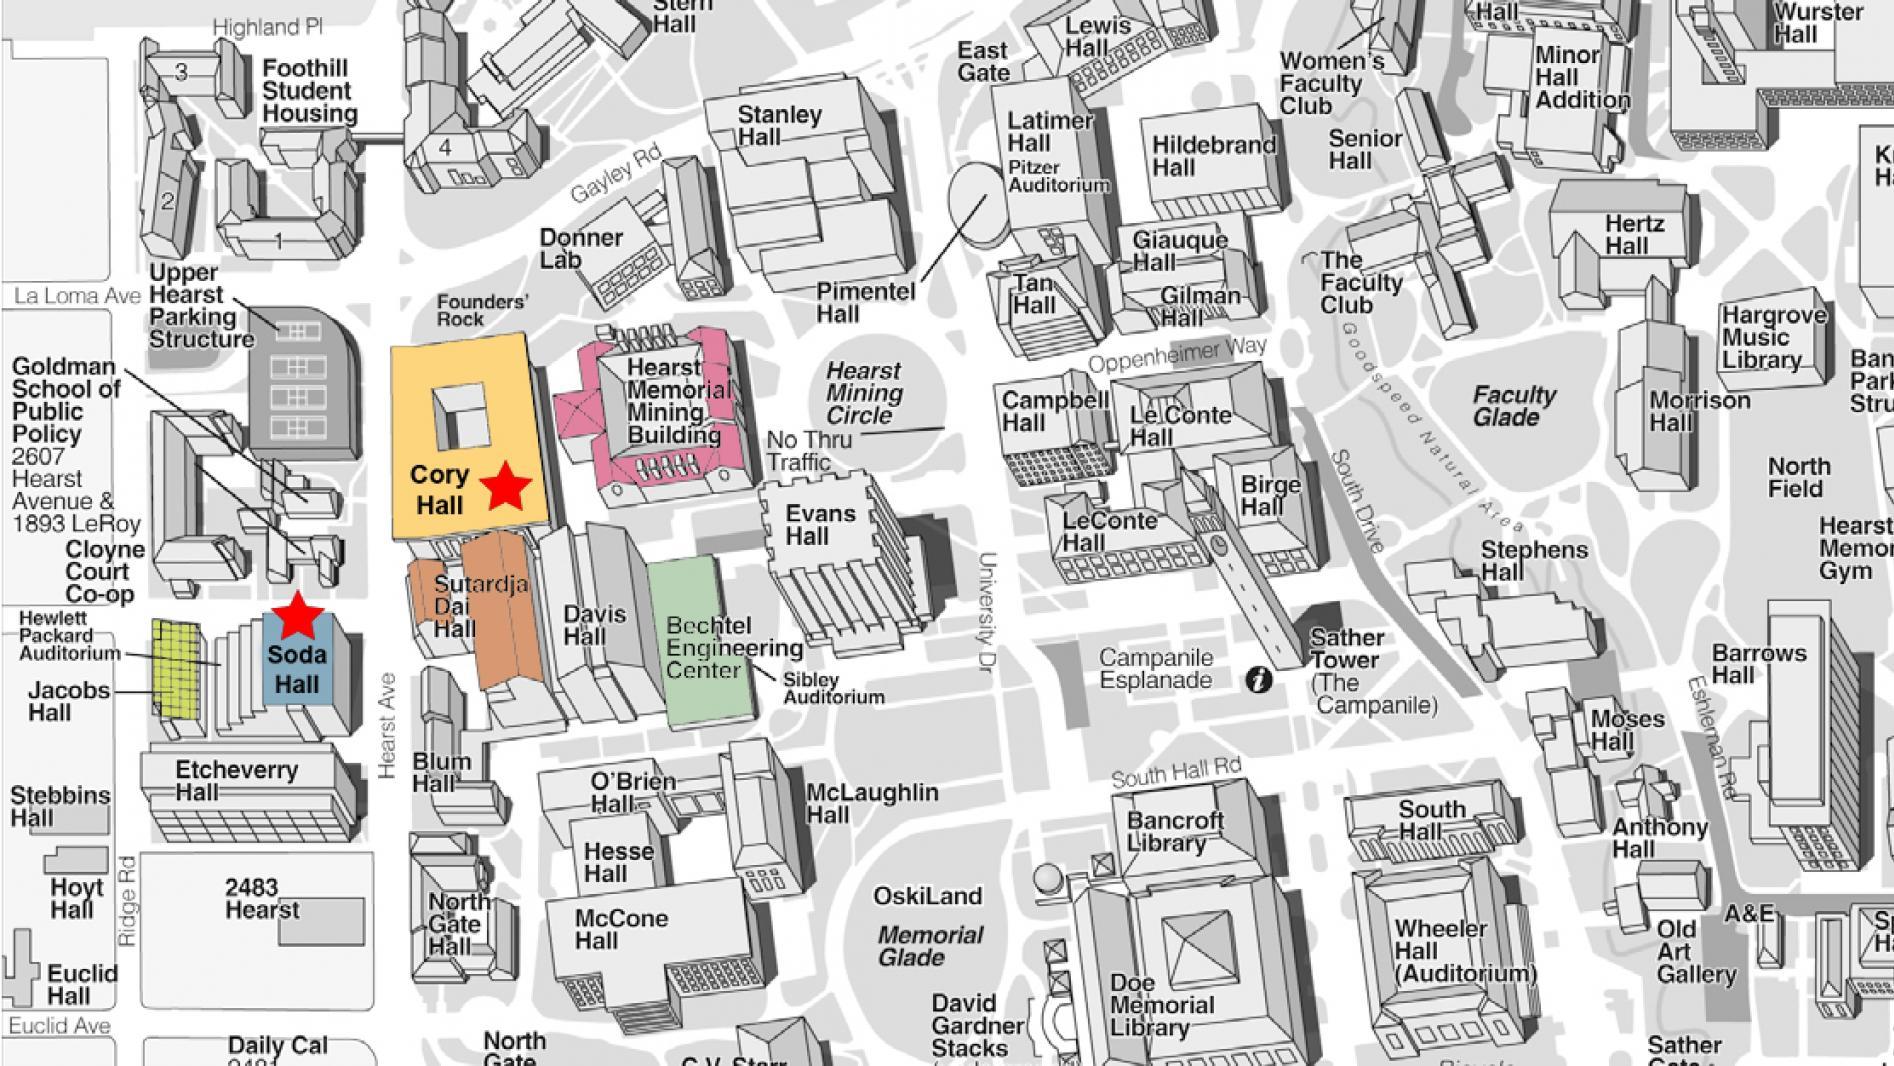 uc berkely campus map Visiting Eecs Eecs At Uc Berkeley uc berkely campus map